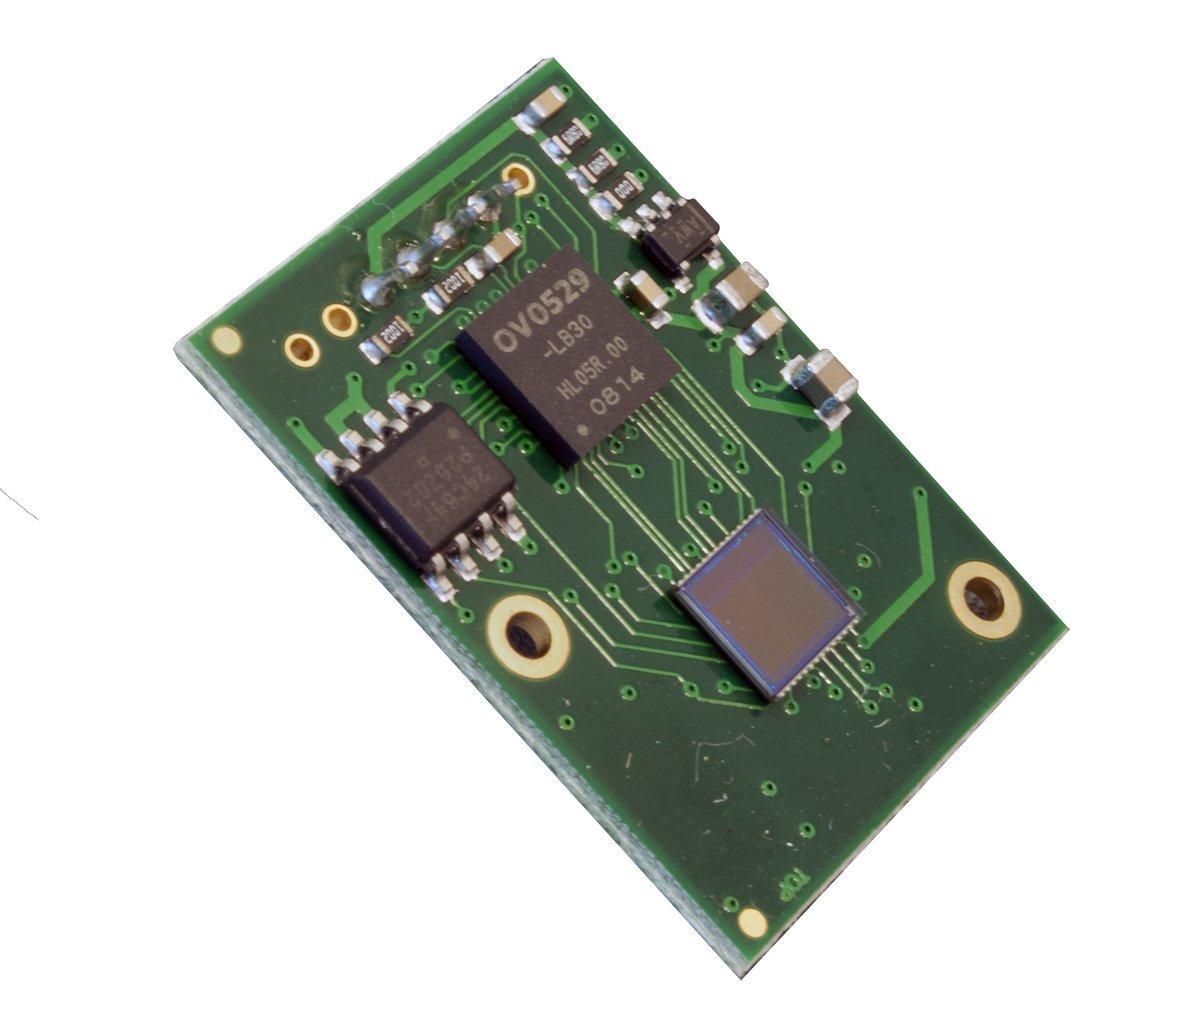 (訳ありセール 格安) c329-uart-boardカラーJPEG圧縮VGAカメラモジュール(レンズなし) B00CJ0JHXU B00CJ0JHXU, 志摩市:be7c674f --- a0267596.xsph.ru